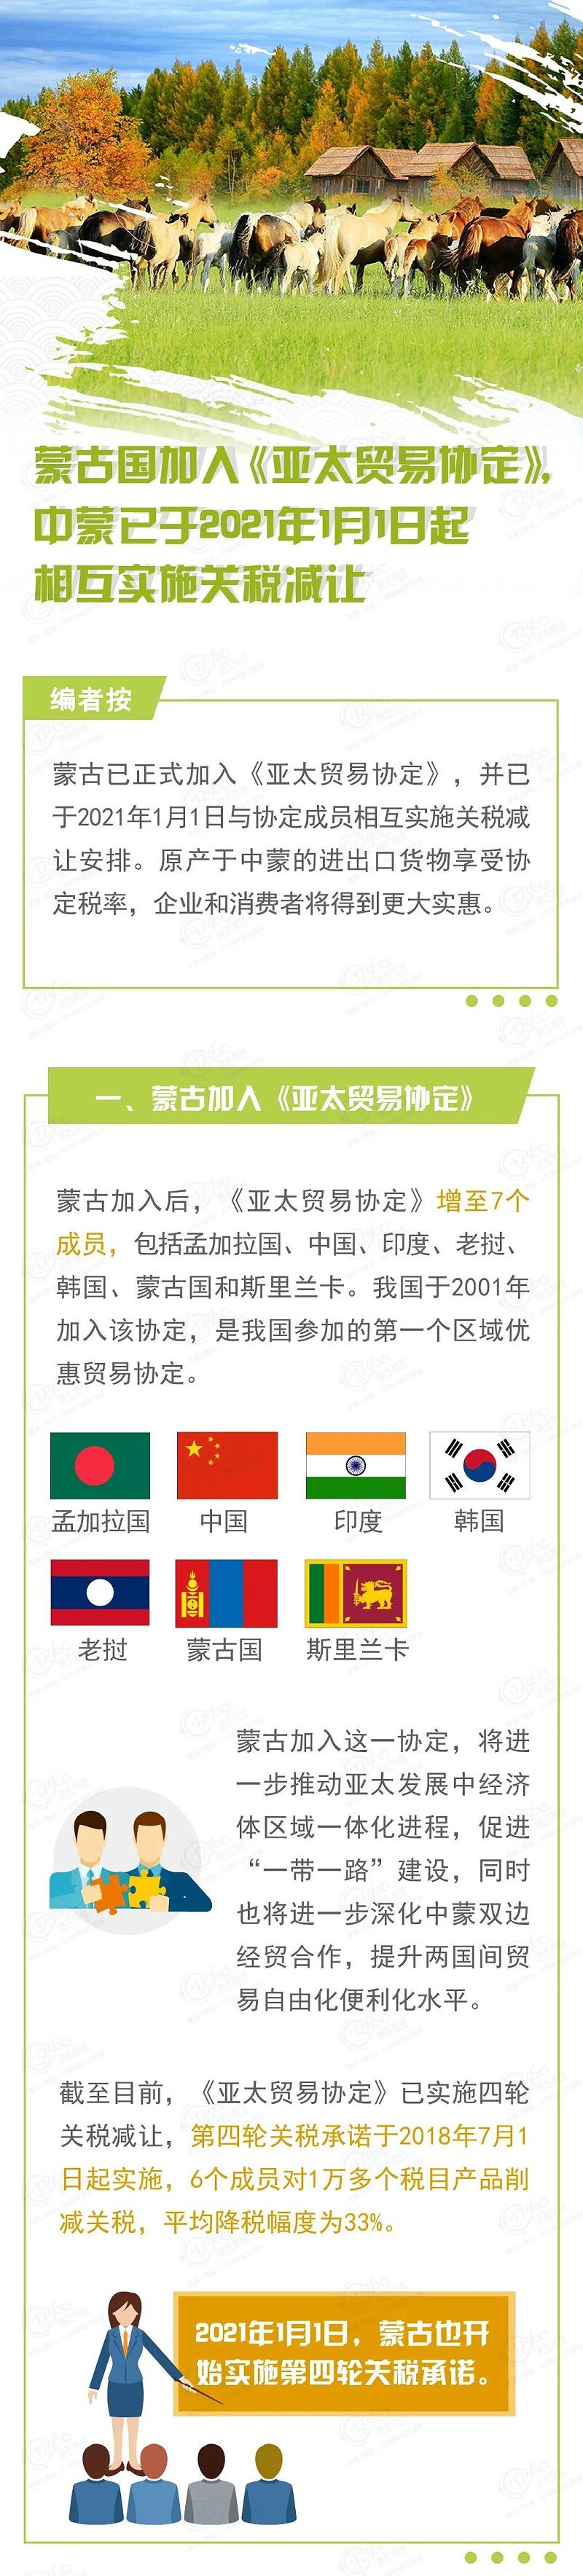 中国蒙古国实施《亚太贸易协定》